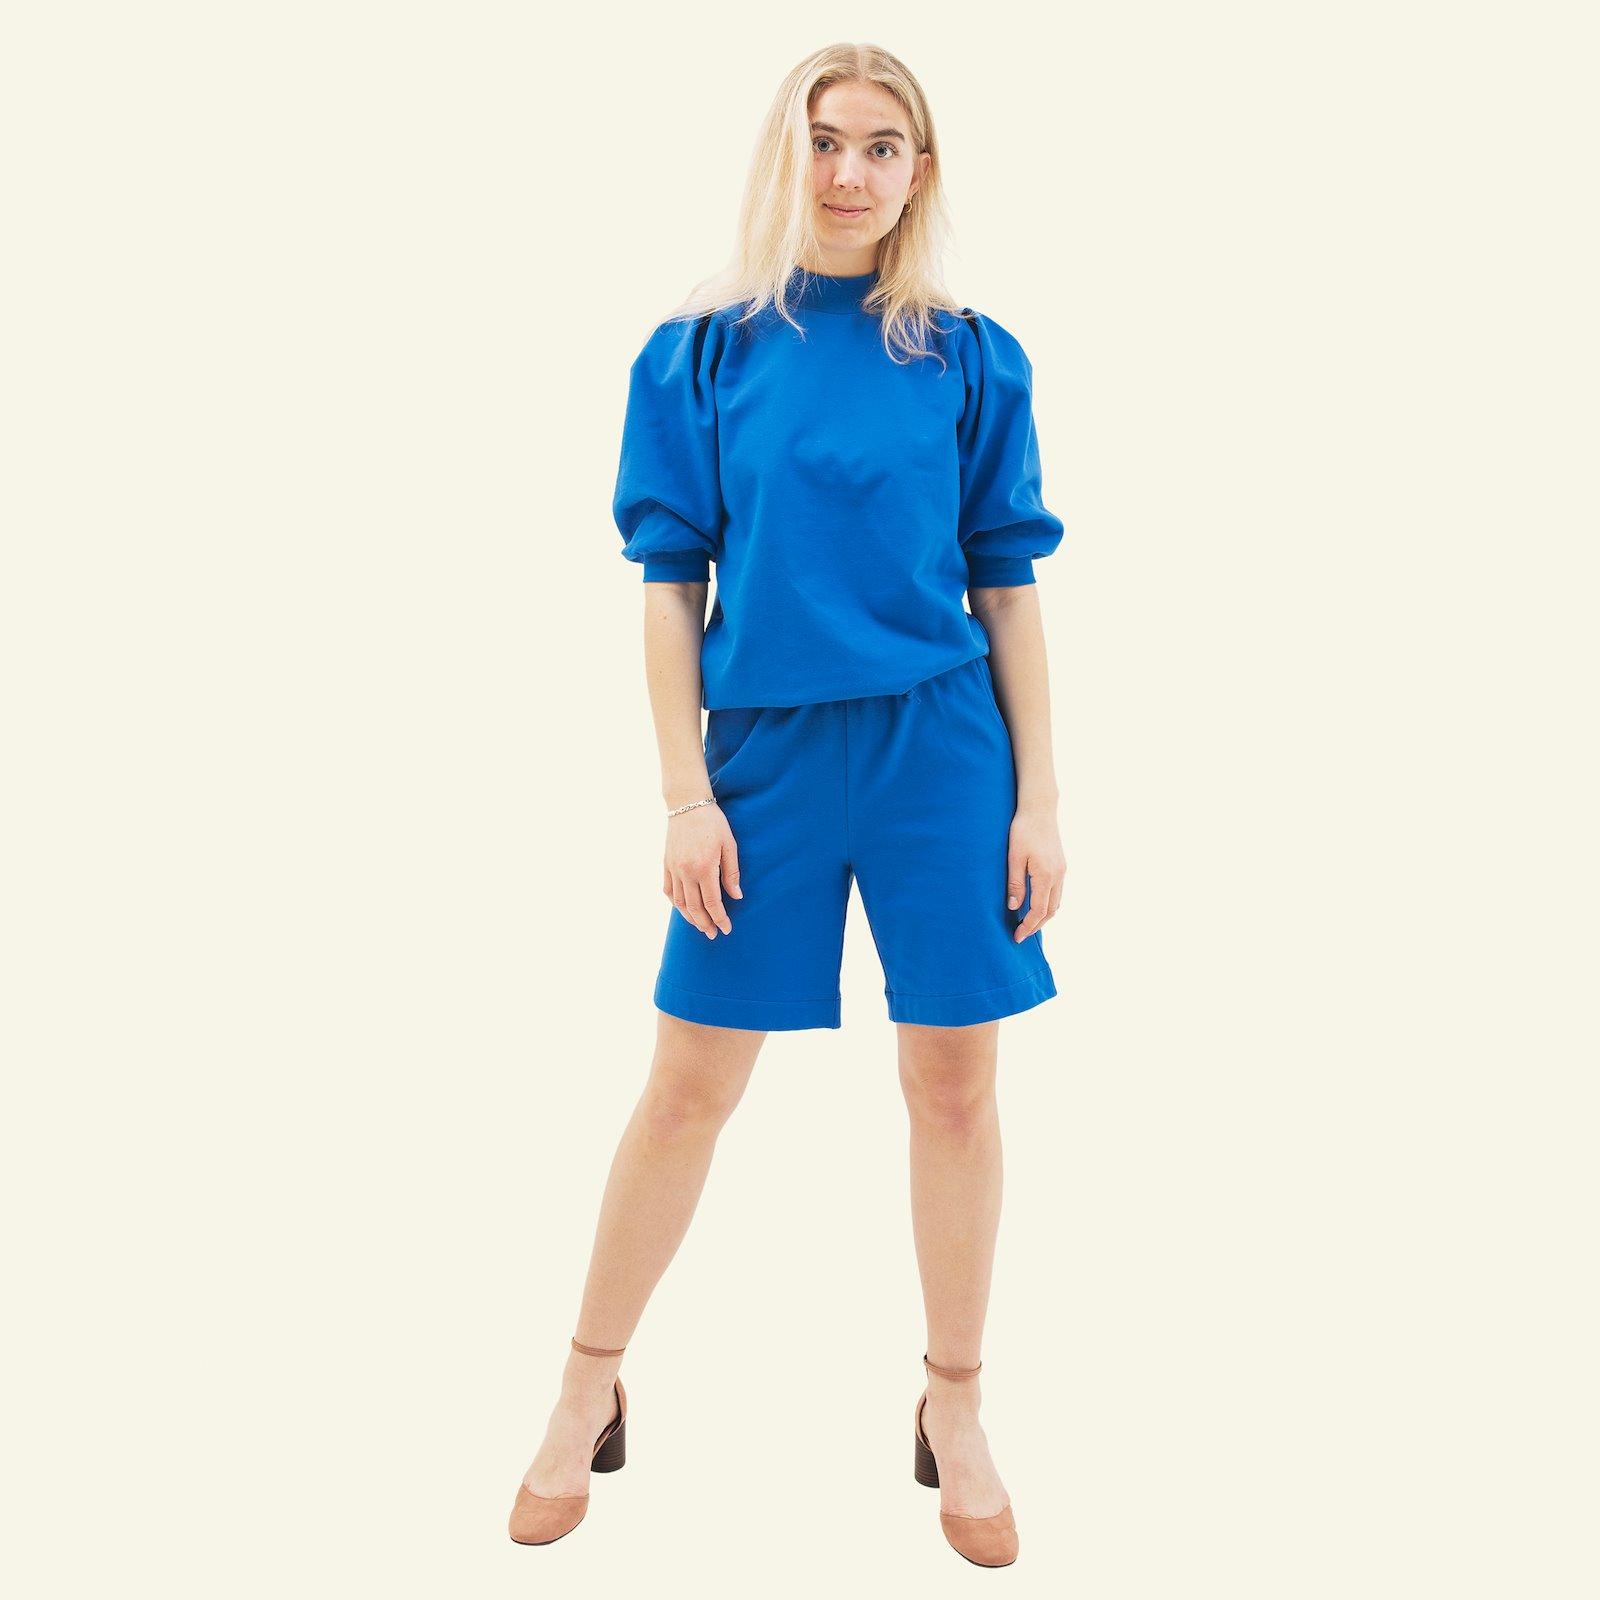 Sweatshirt with puff sleeves, M p22074_p20051_211744_230604_bundle